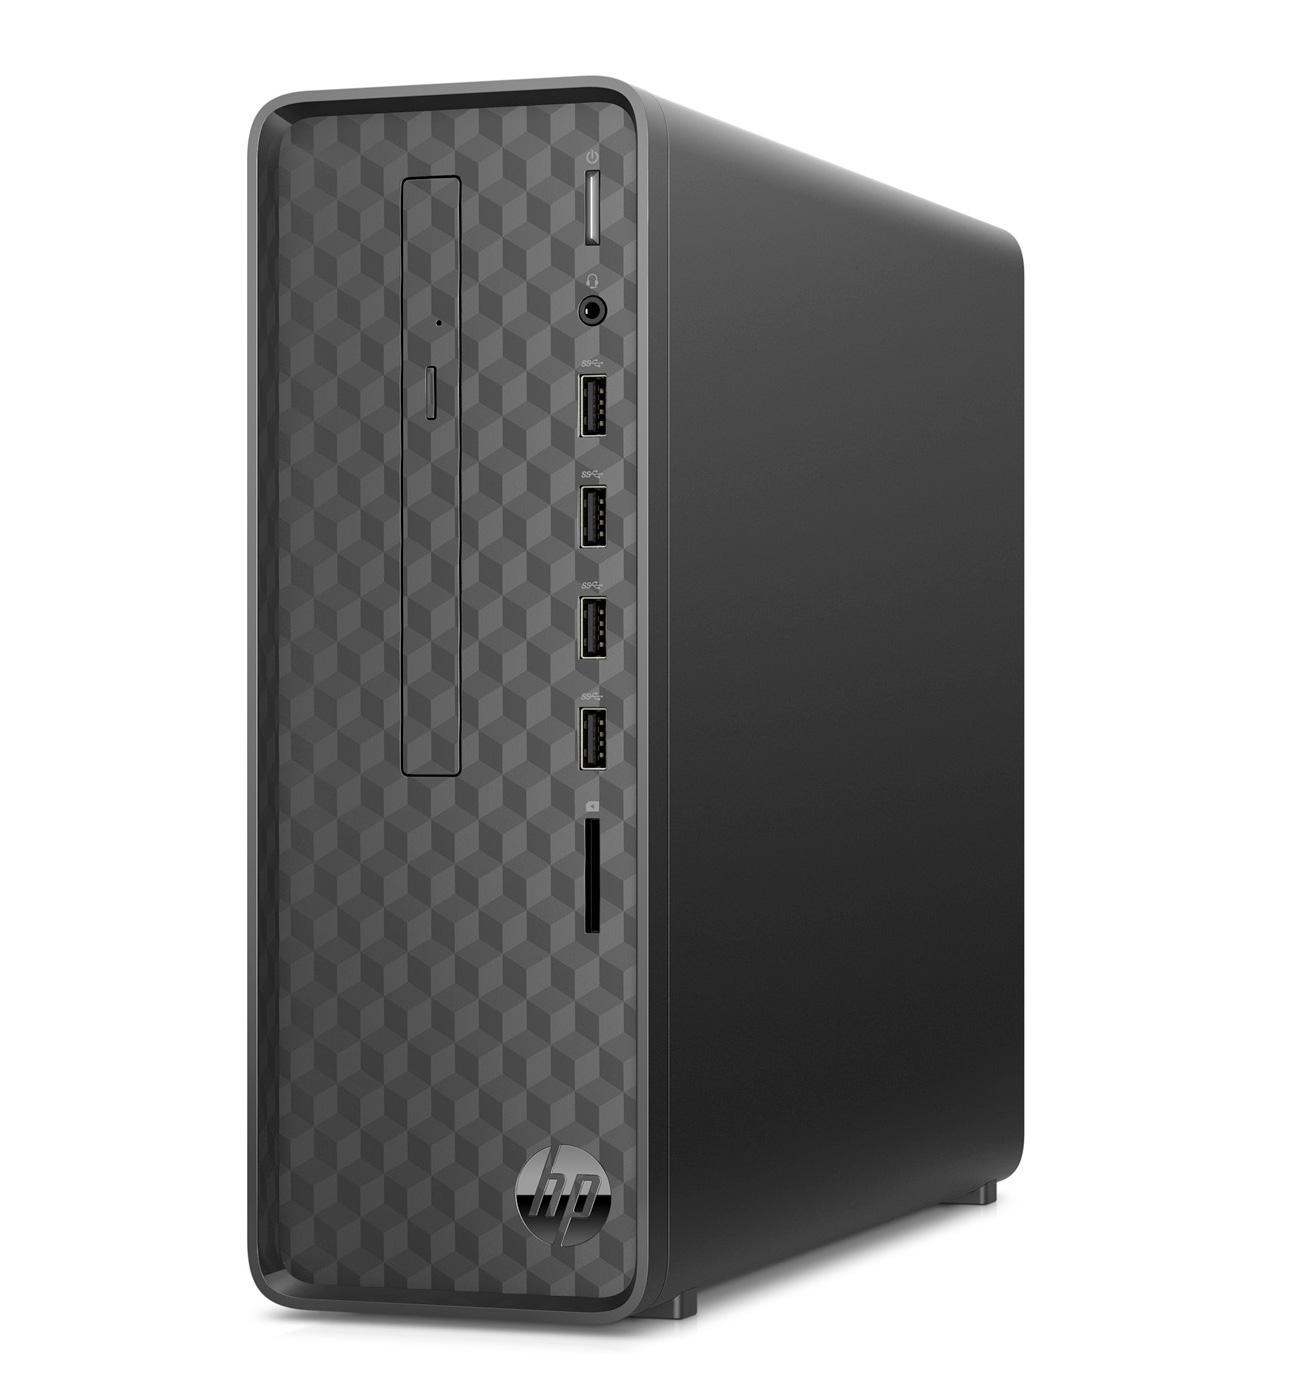 HP Slim Desktop S01-aF1001ng Jet Black